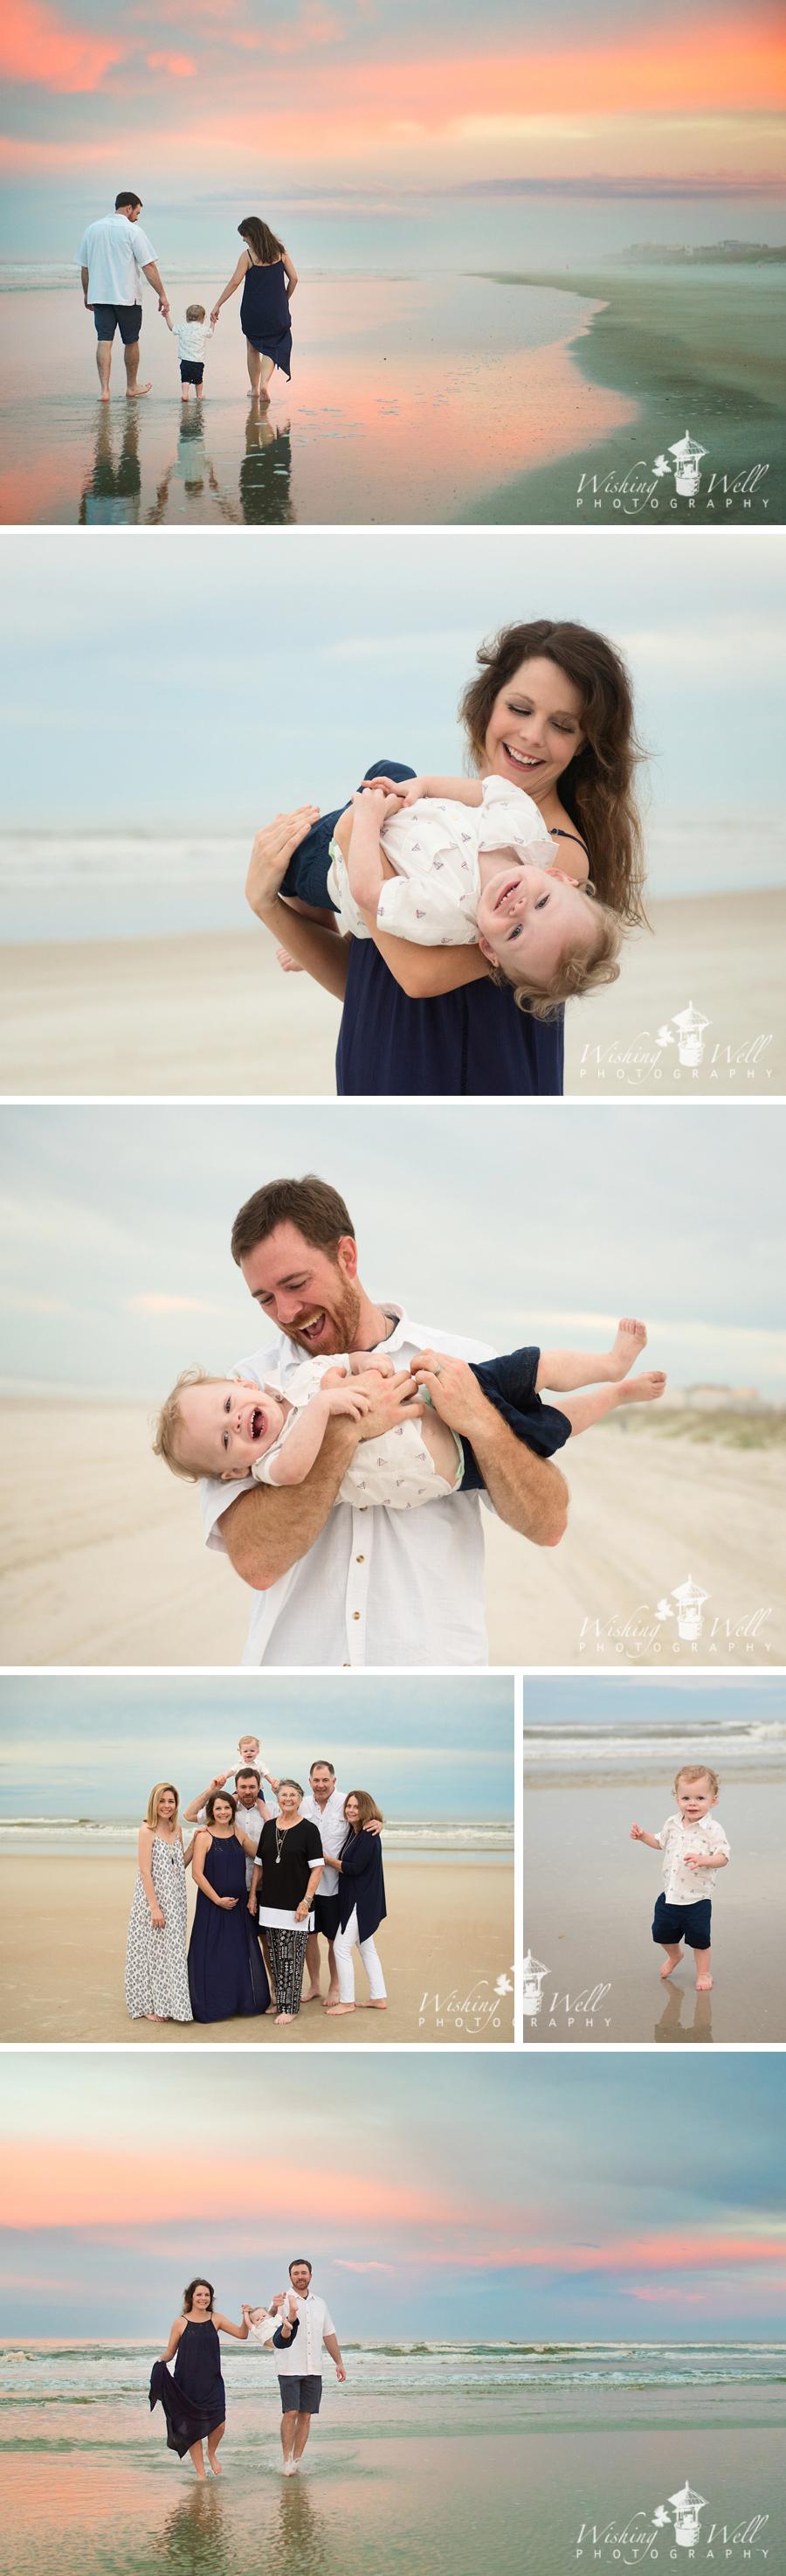 t-family-beach-16-r